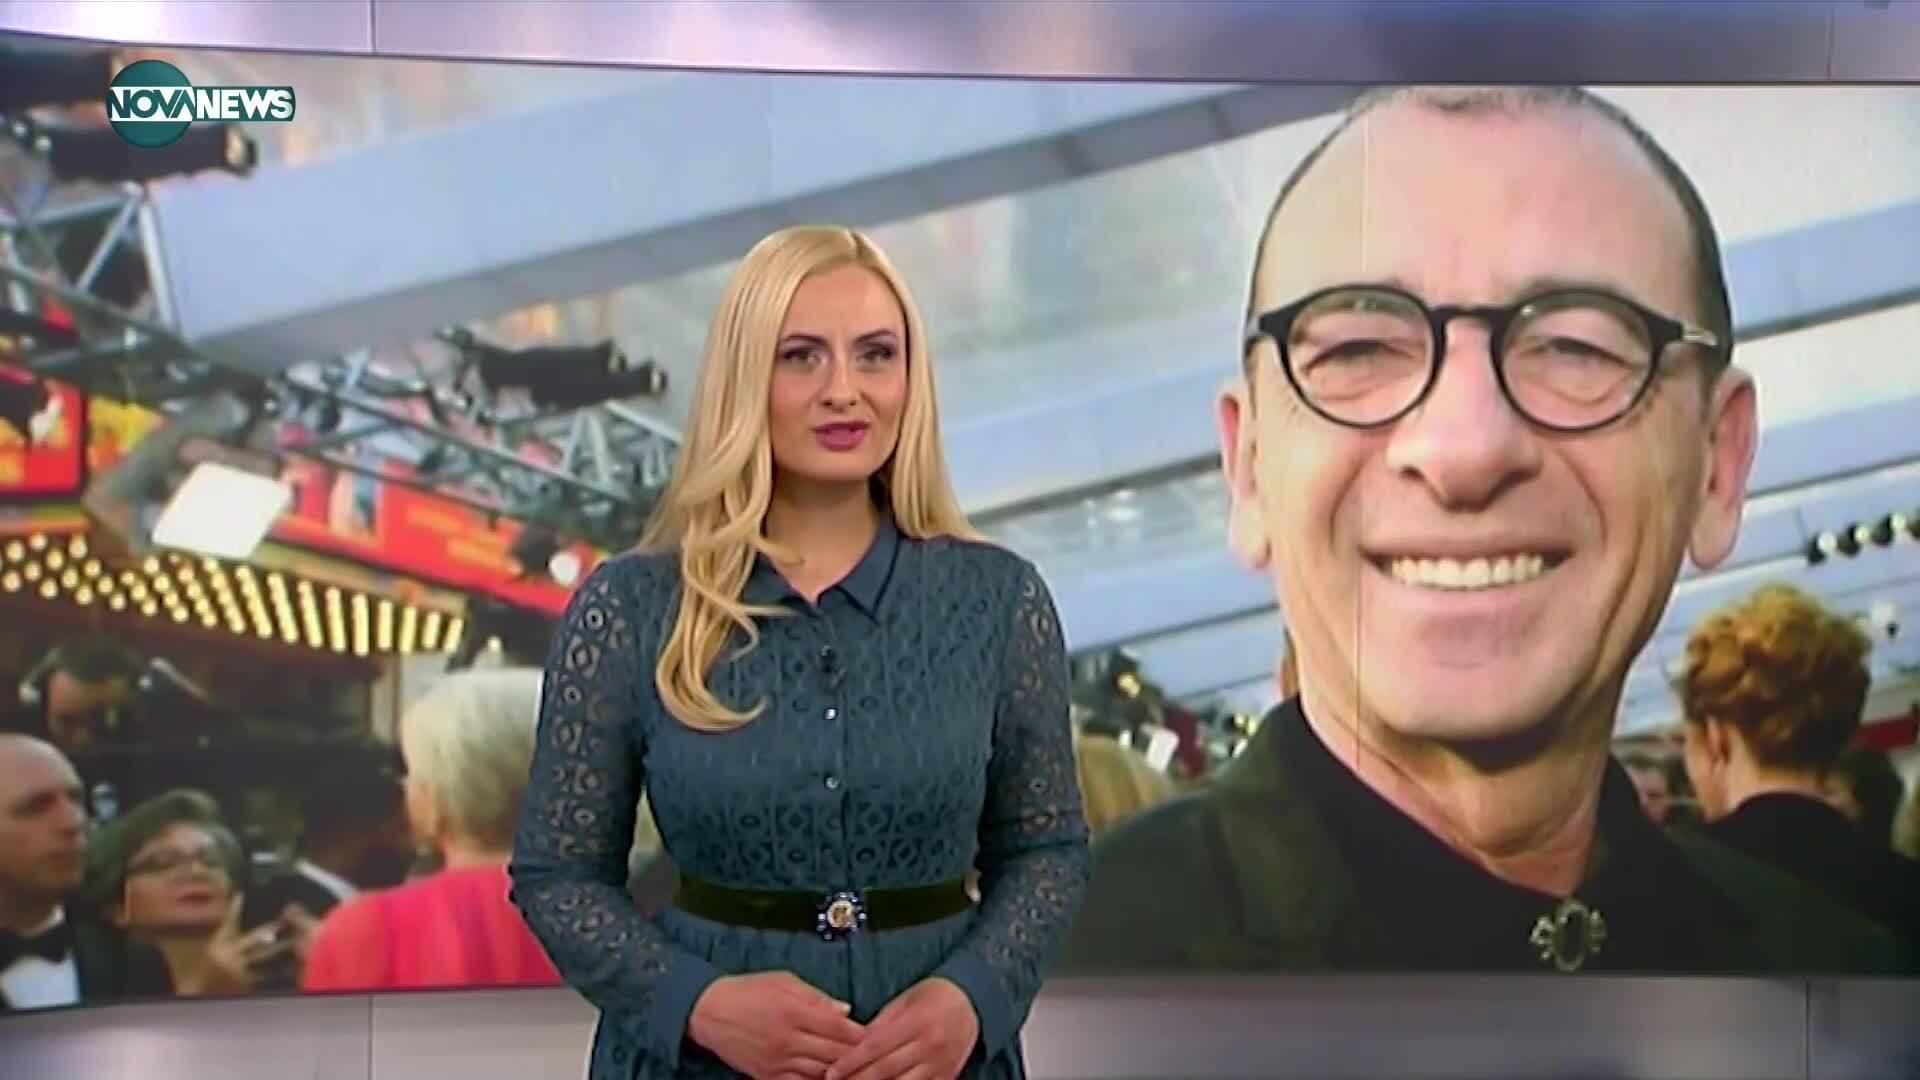 Димитър Маринов участва във филм с Дензъл Уошингтън